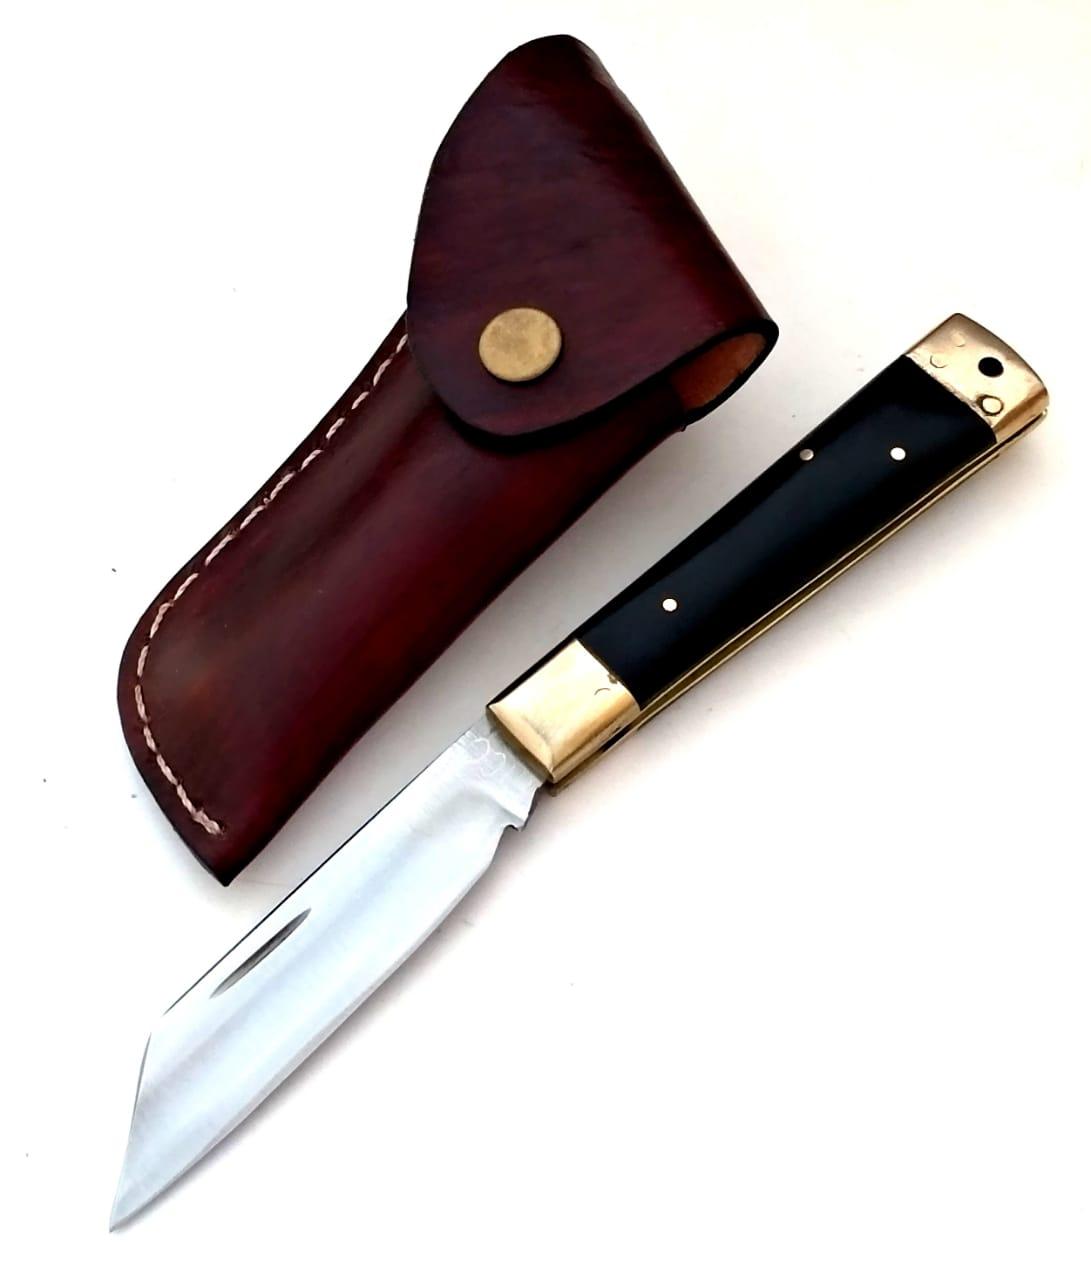 Canivete artesanal em aço carbono e chifre negro